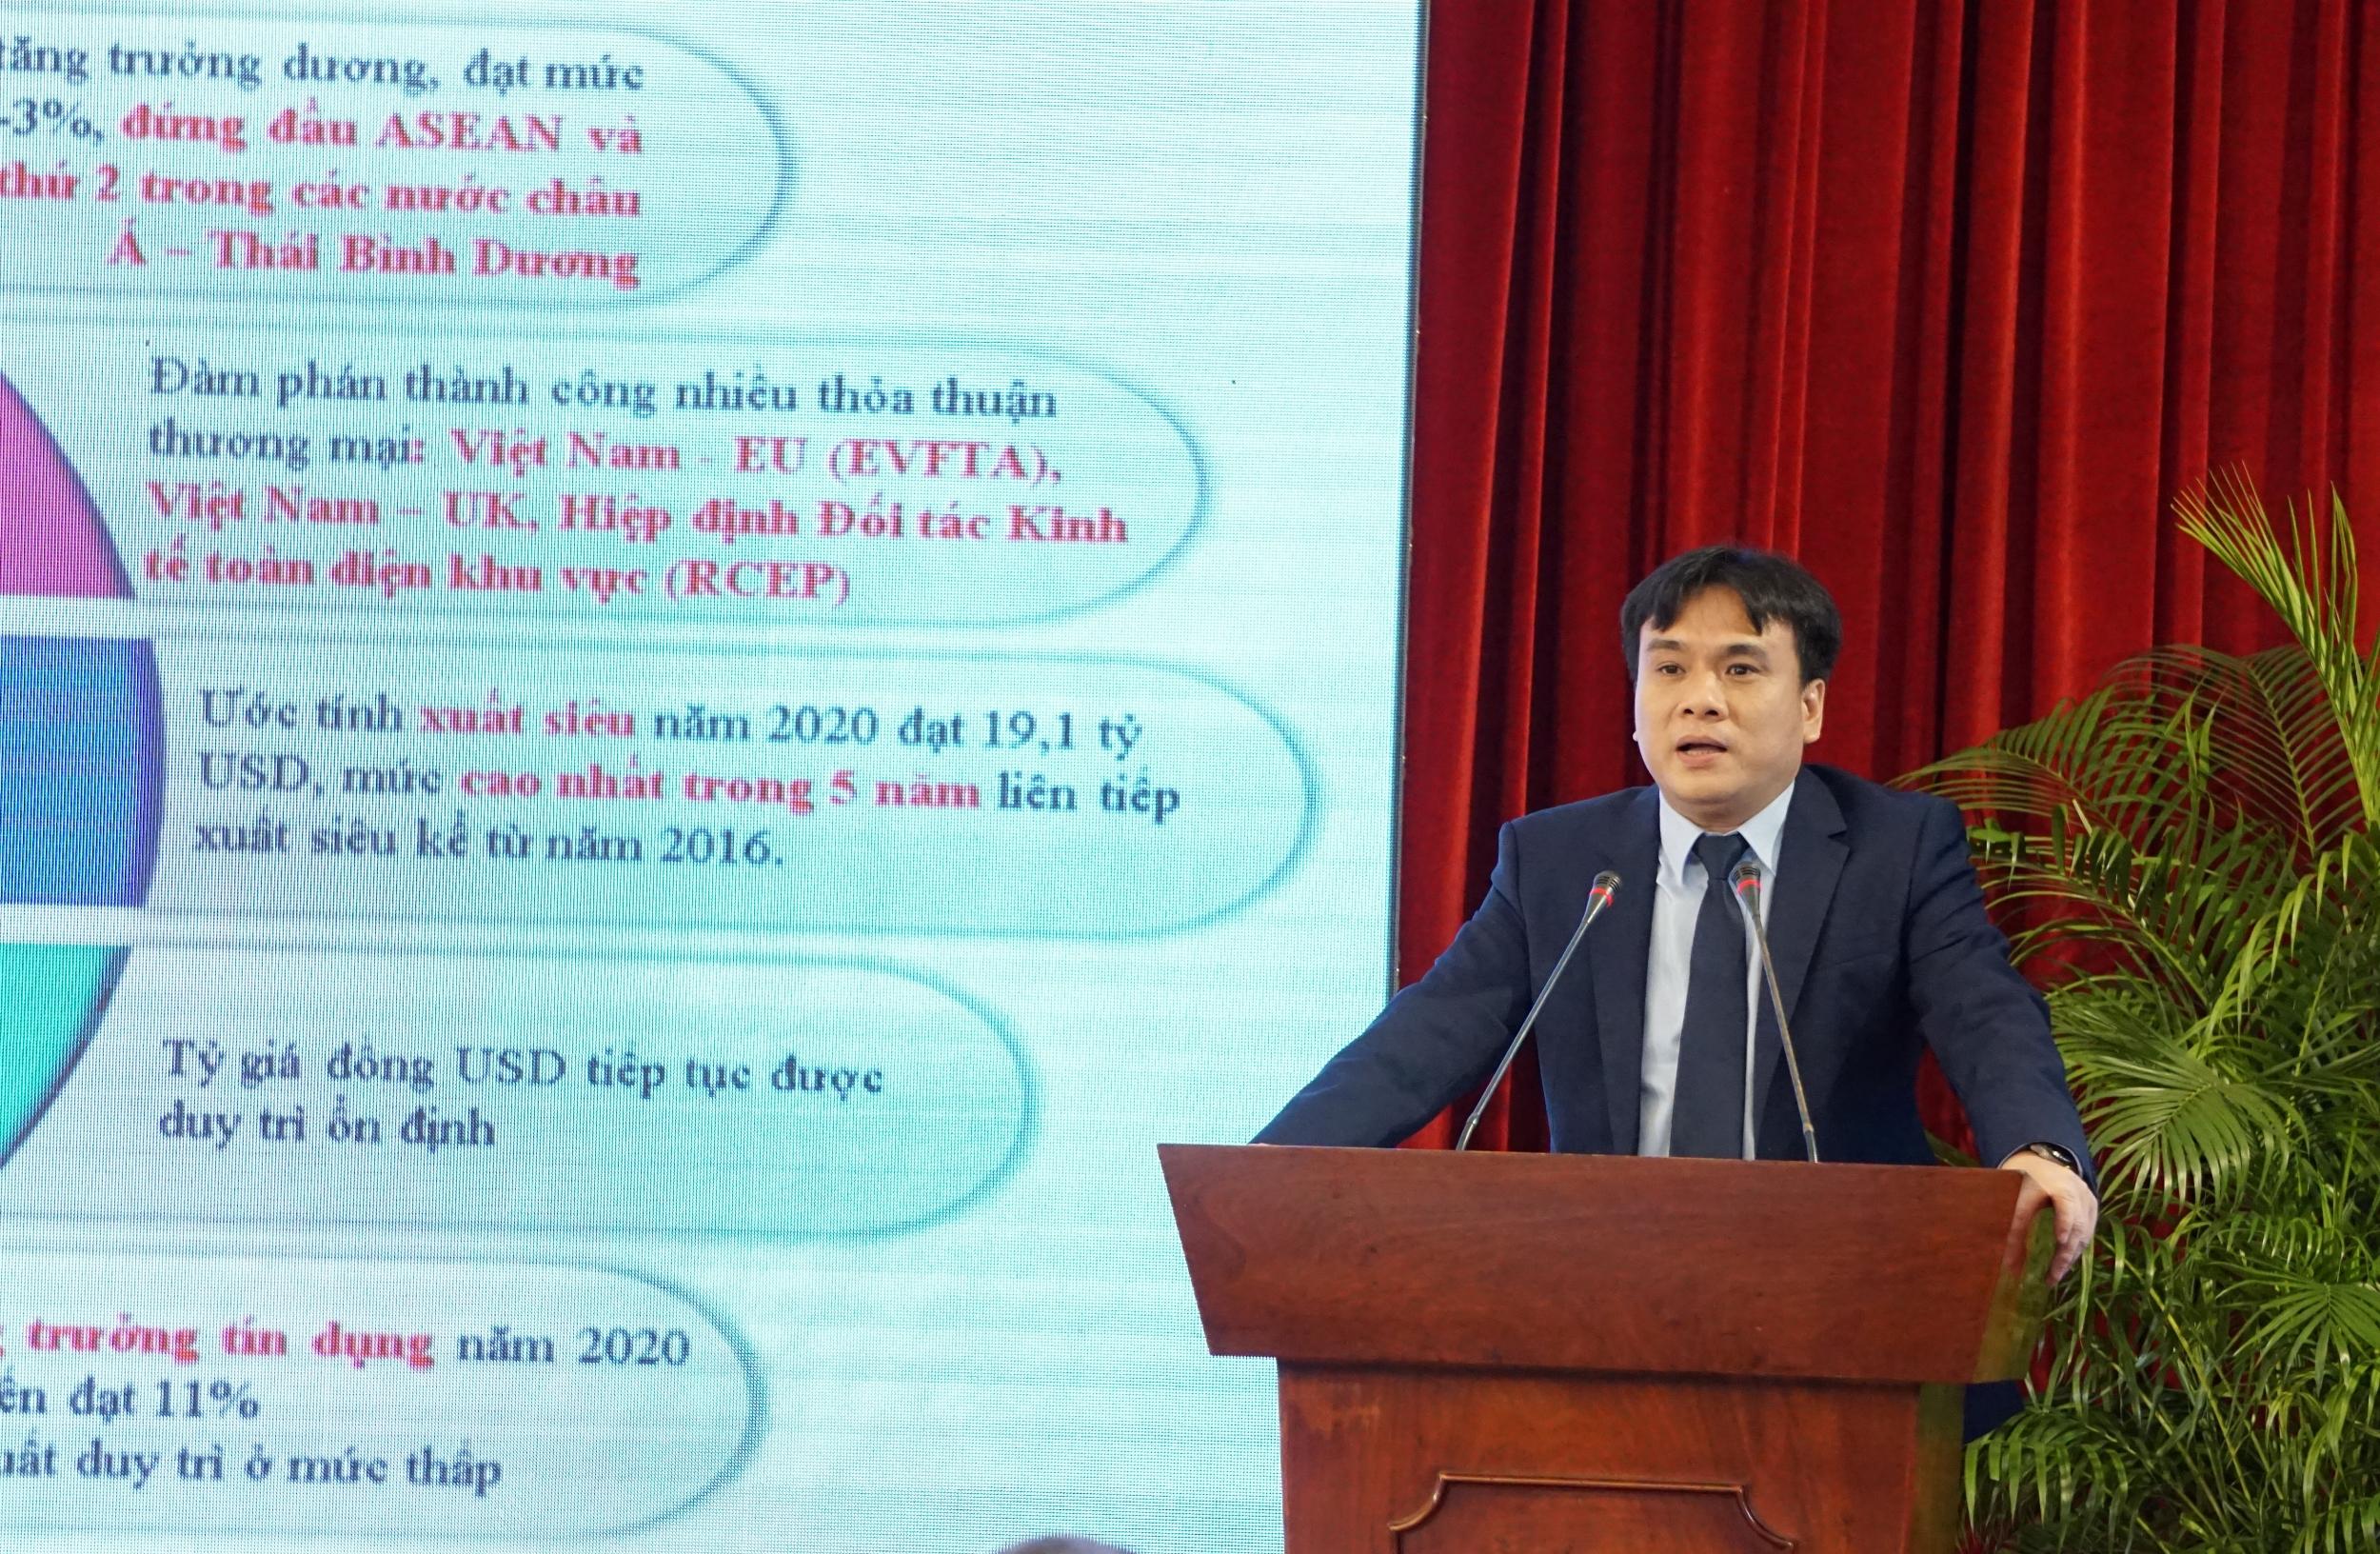 Tổng giám đốc PV Drilling báo cáo kết quả hoạt động SXKD năm 2020 và triển khai kế hoạch 2021